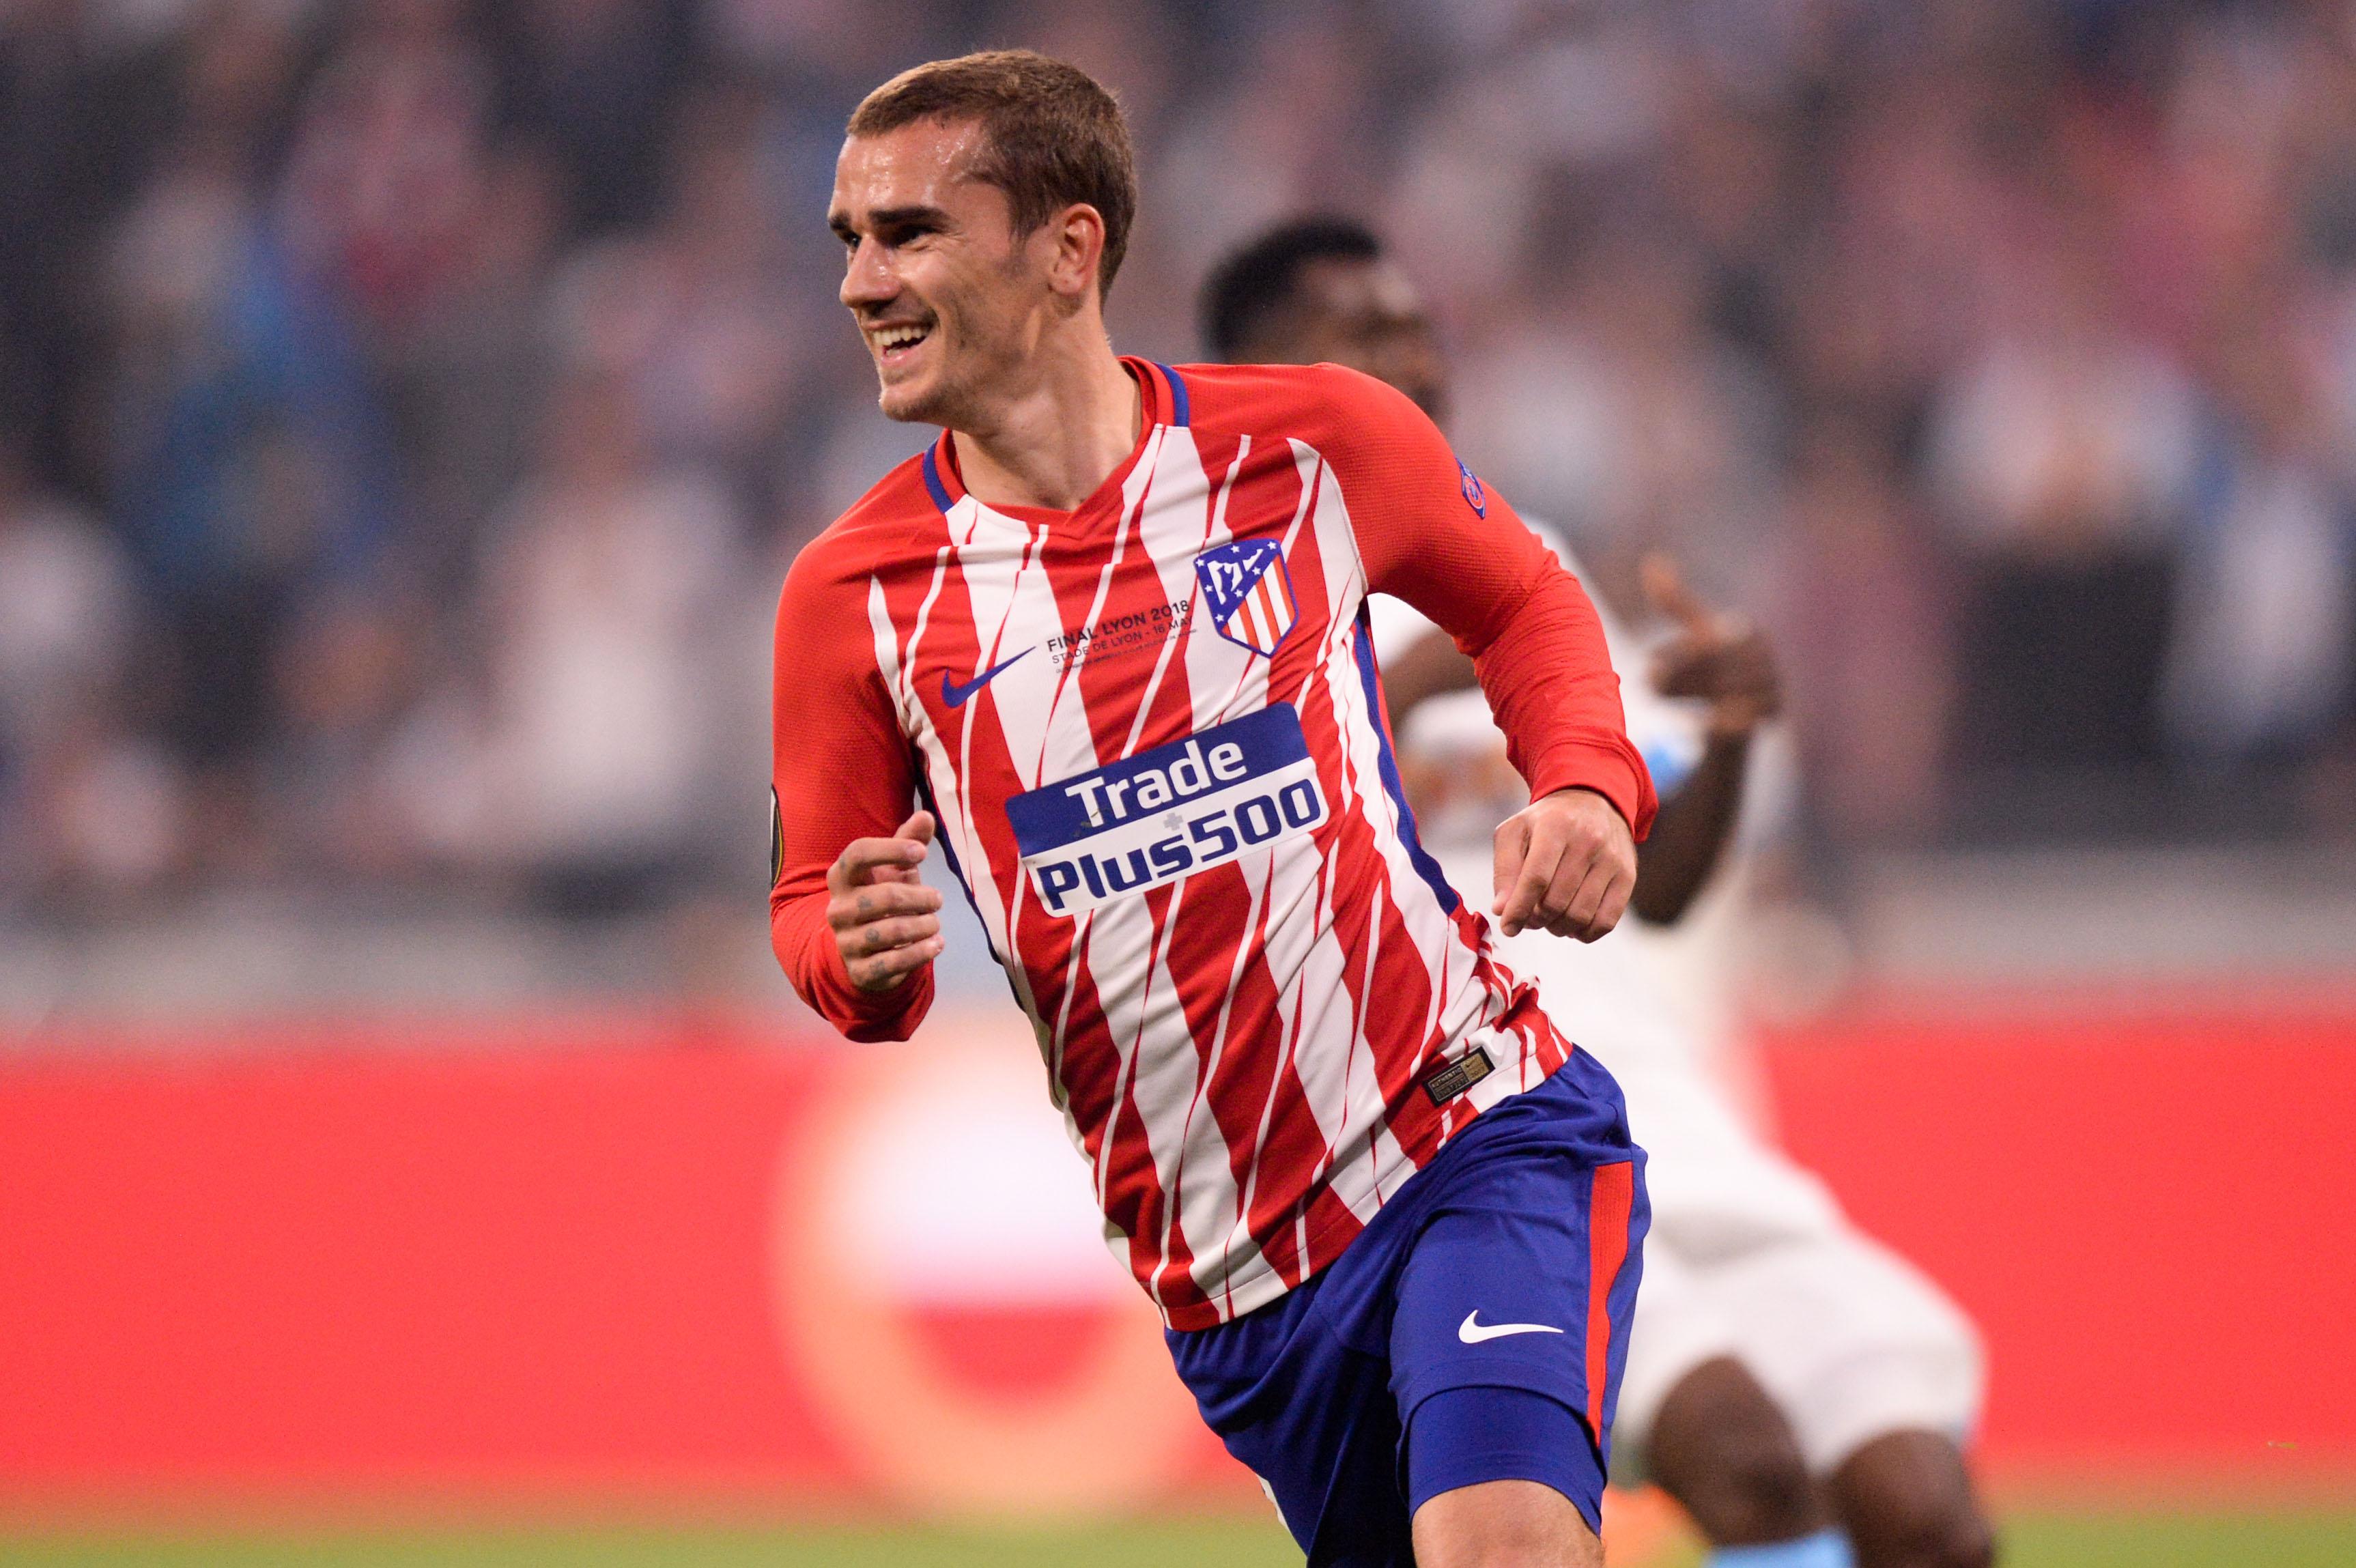 Football - Transferts - Antoine Griezmann annonce qu'il reste à l'Atlético Madrid